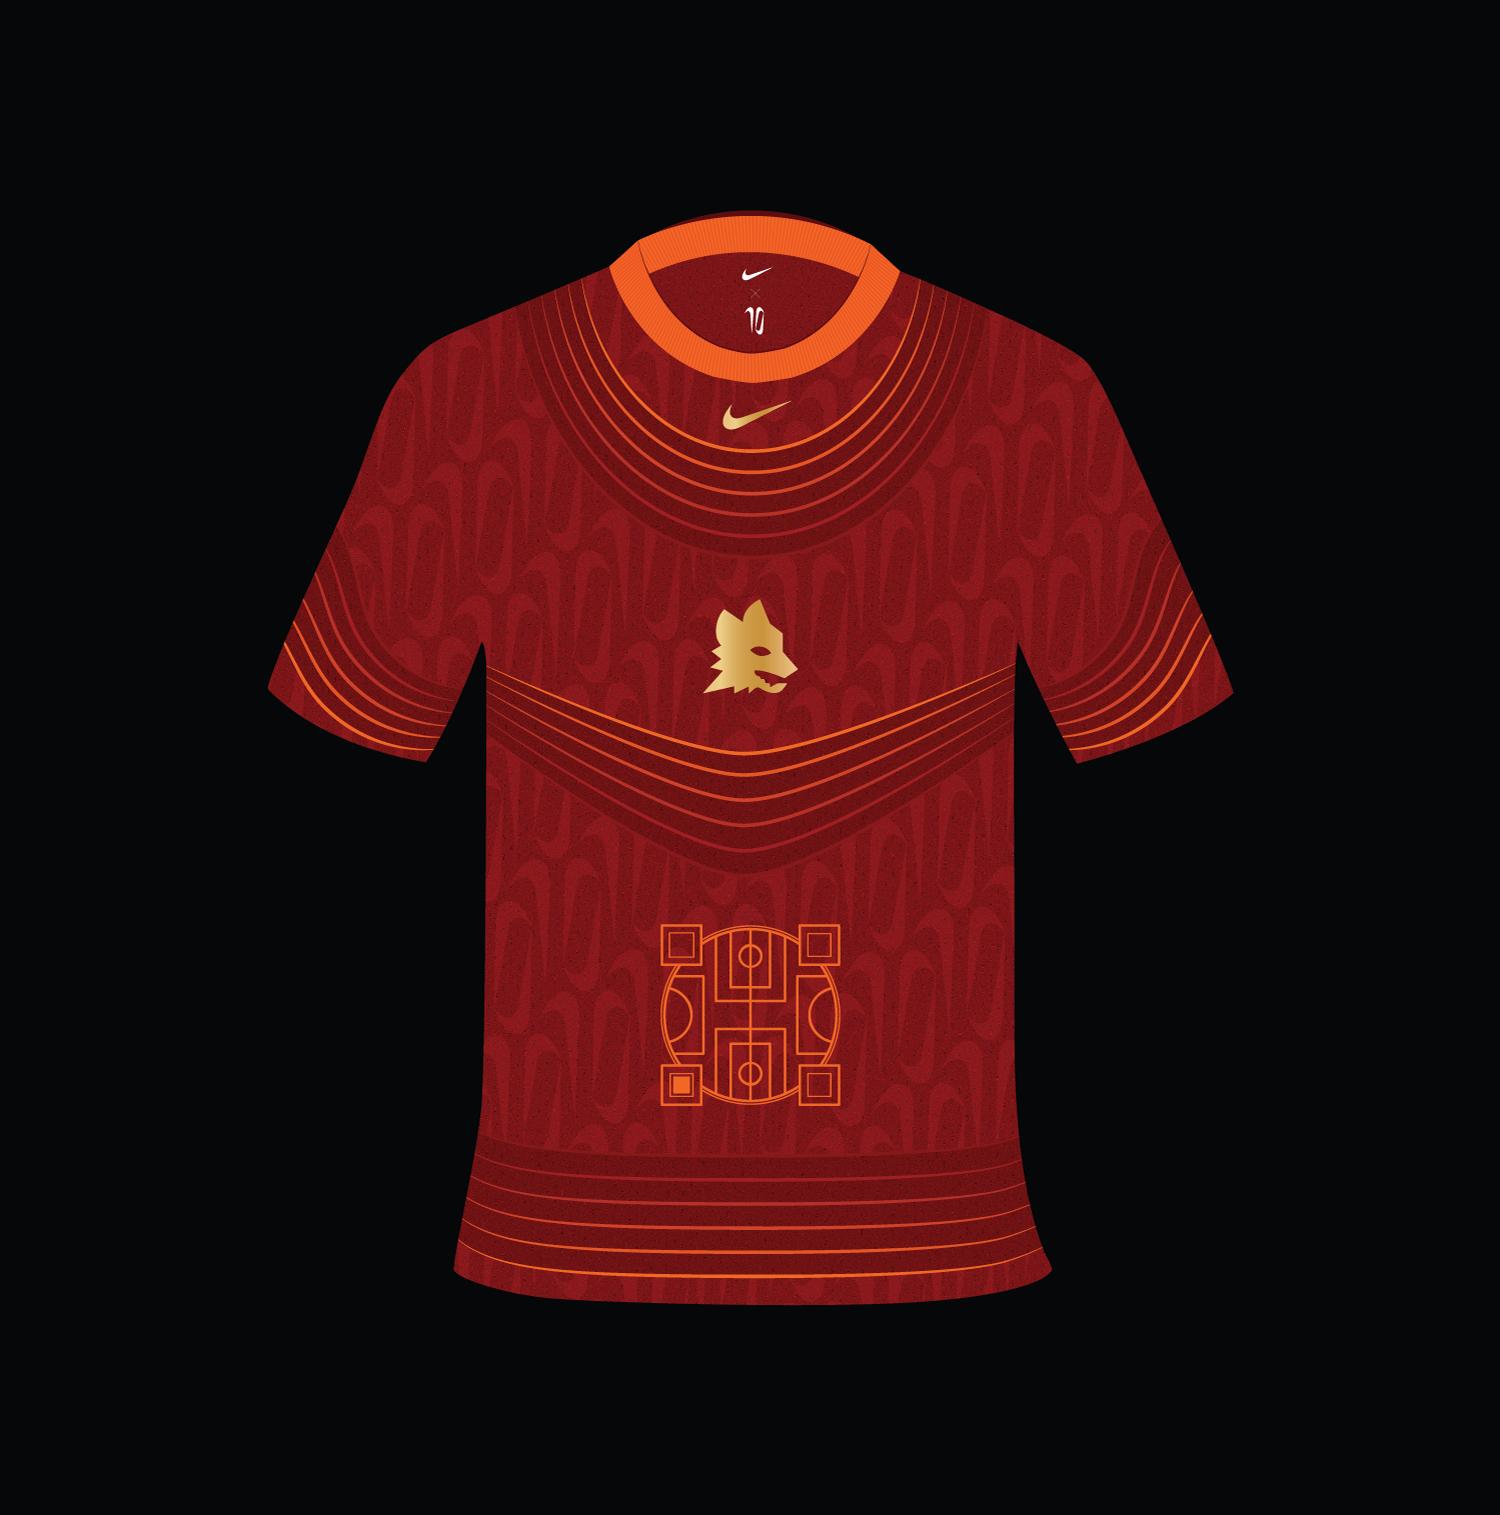 Tiempo Totti X Roma - Day 1 | Design: La jersey del futuro | Collater.al